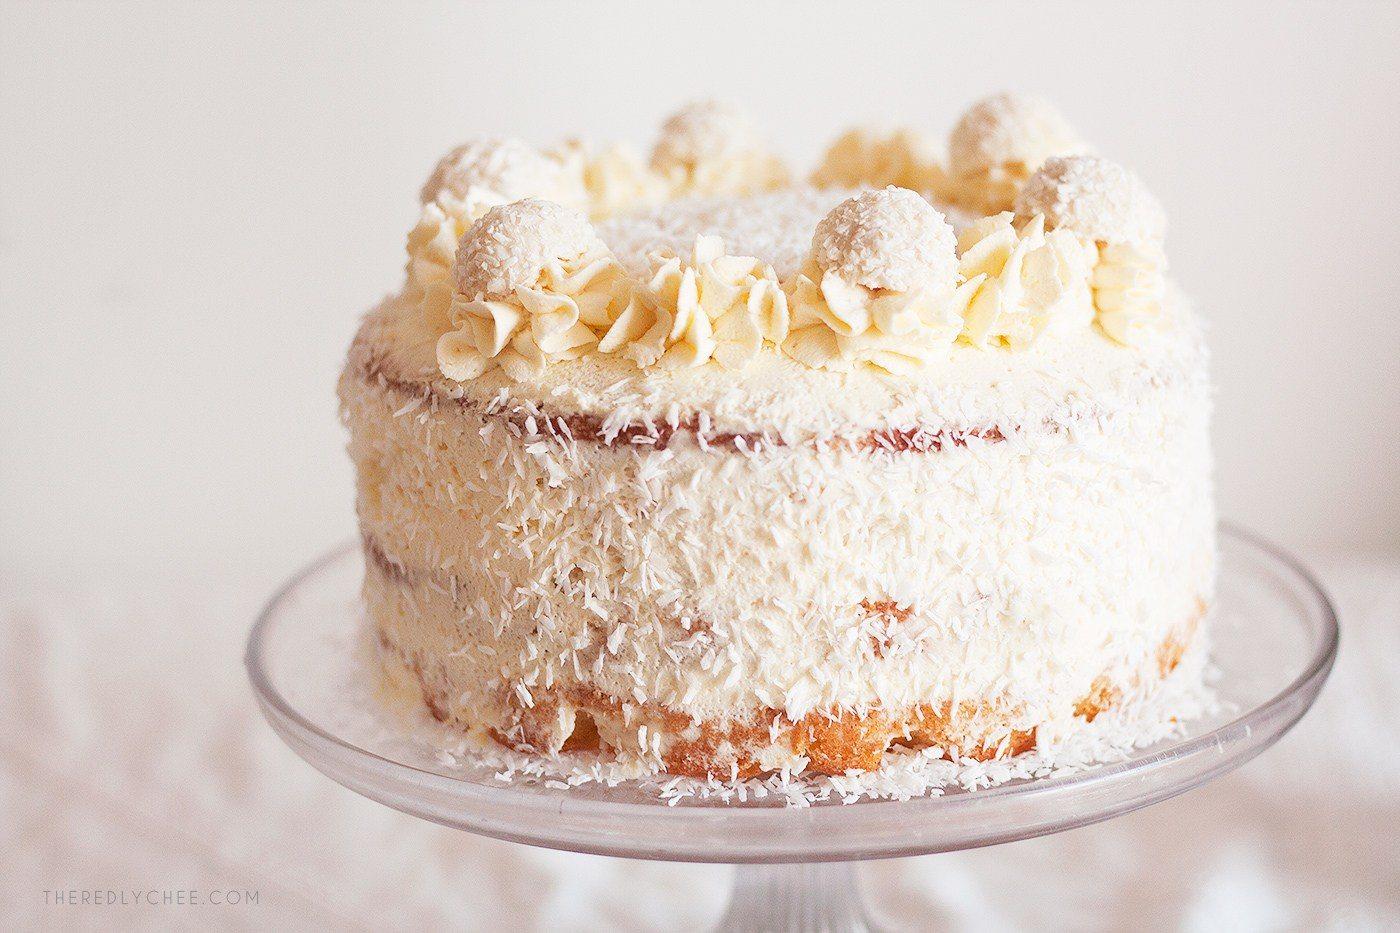 торт рафаэлло бисквитный рецепт с фото бразильское окрашивание